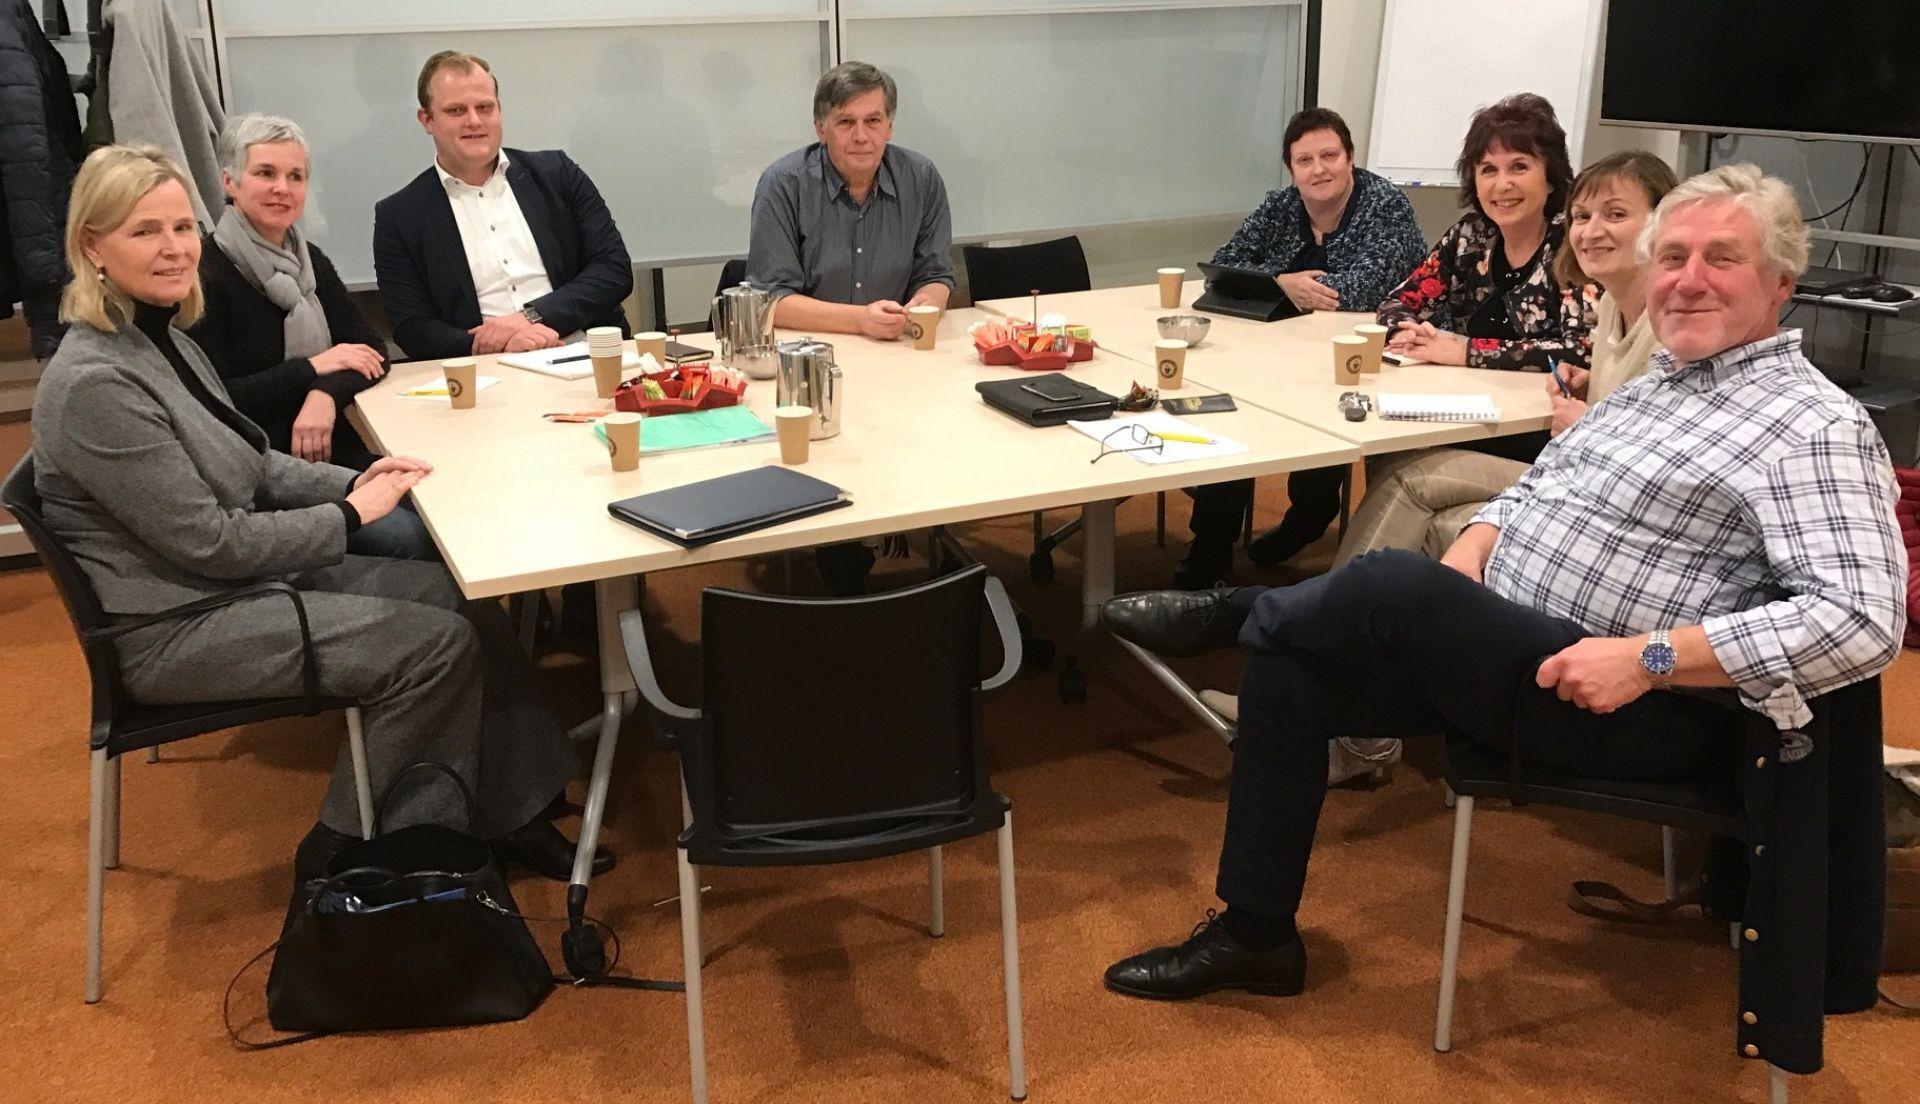 Gemeente wil projecten Hof van Twente koppelen aan EU-investeringsfonds